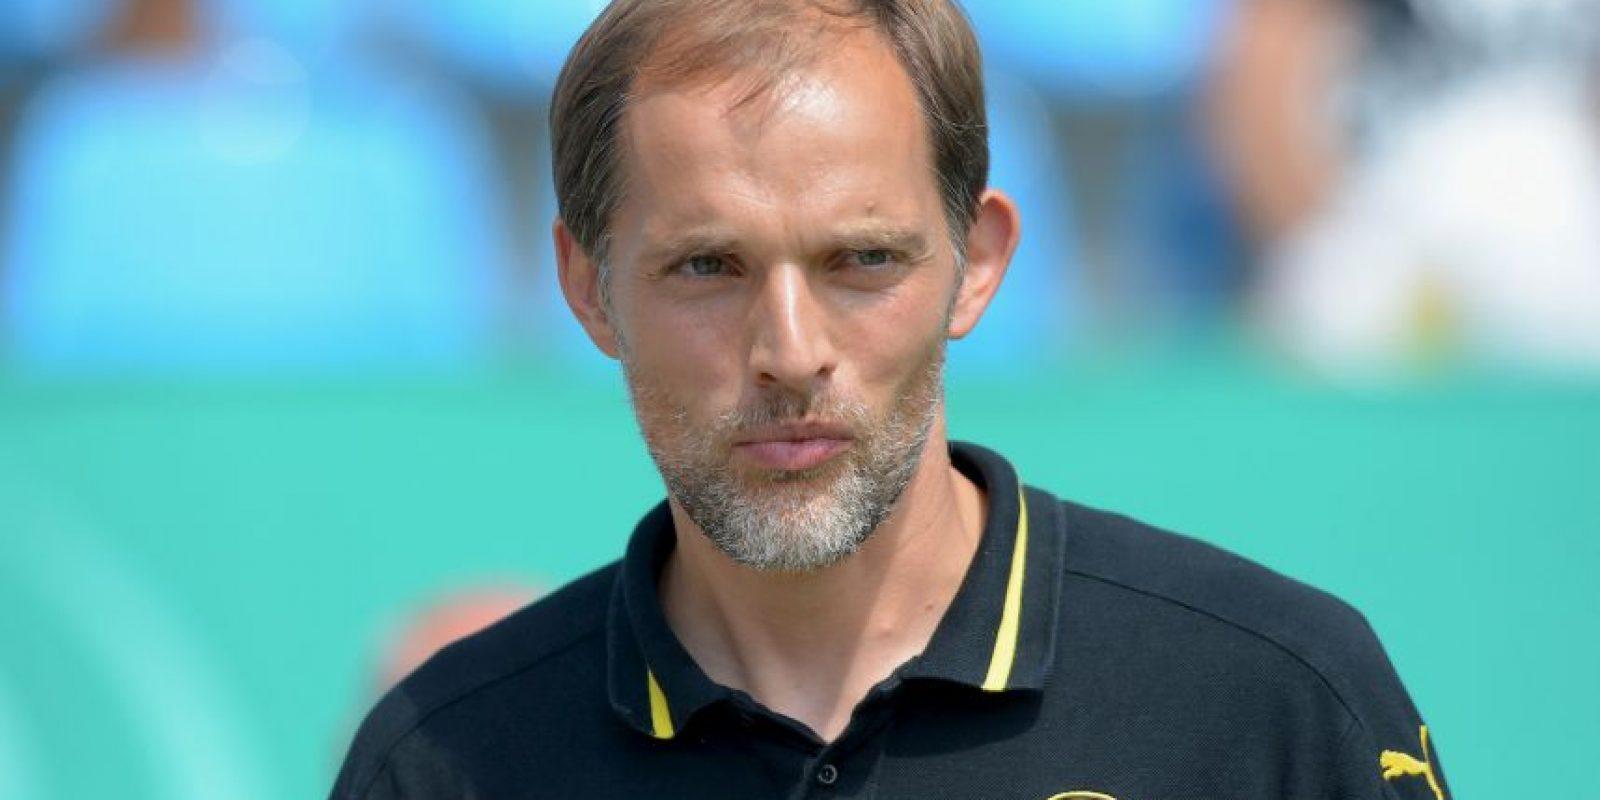 Ahora el timonel del equipo de Dortmund es Thomas Tuchel Foto:Getty Images